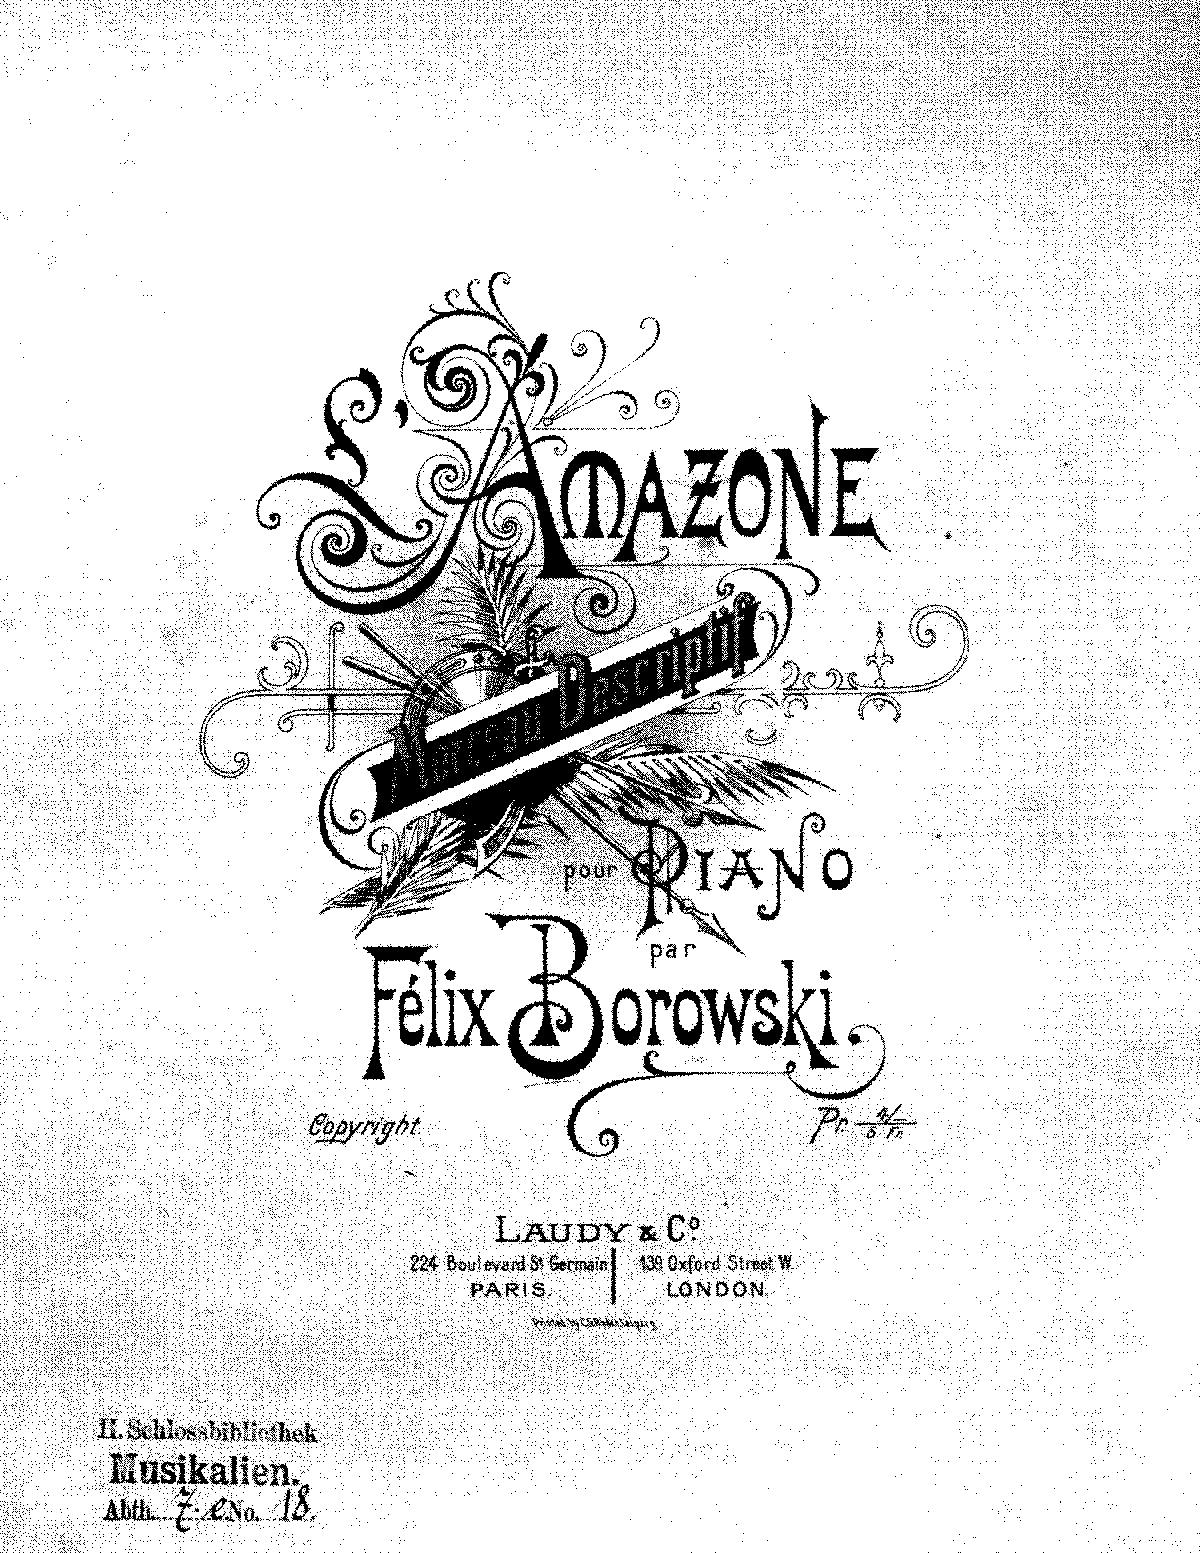 L'Amazone (Borowski, Felix) - IMSLP/Petrucci Music Library: Free